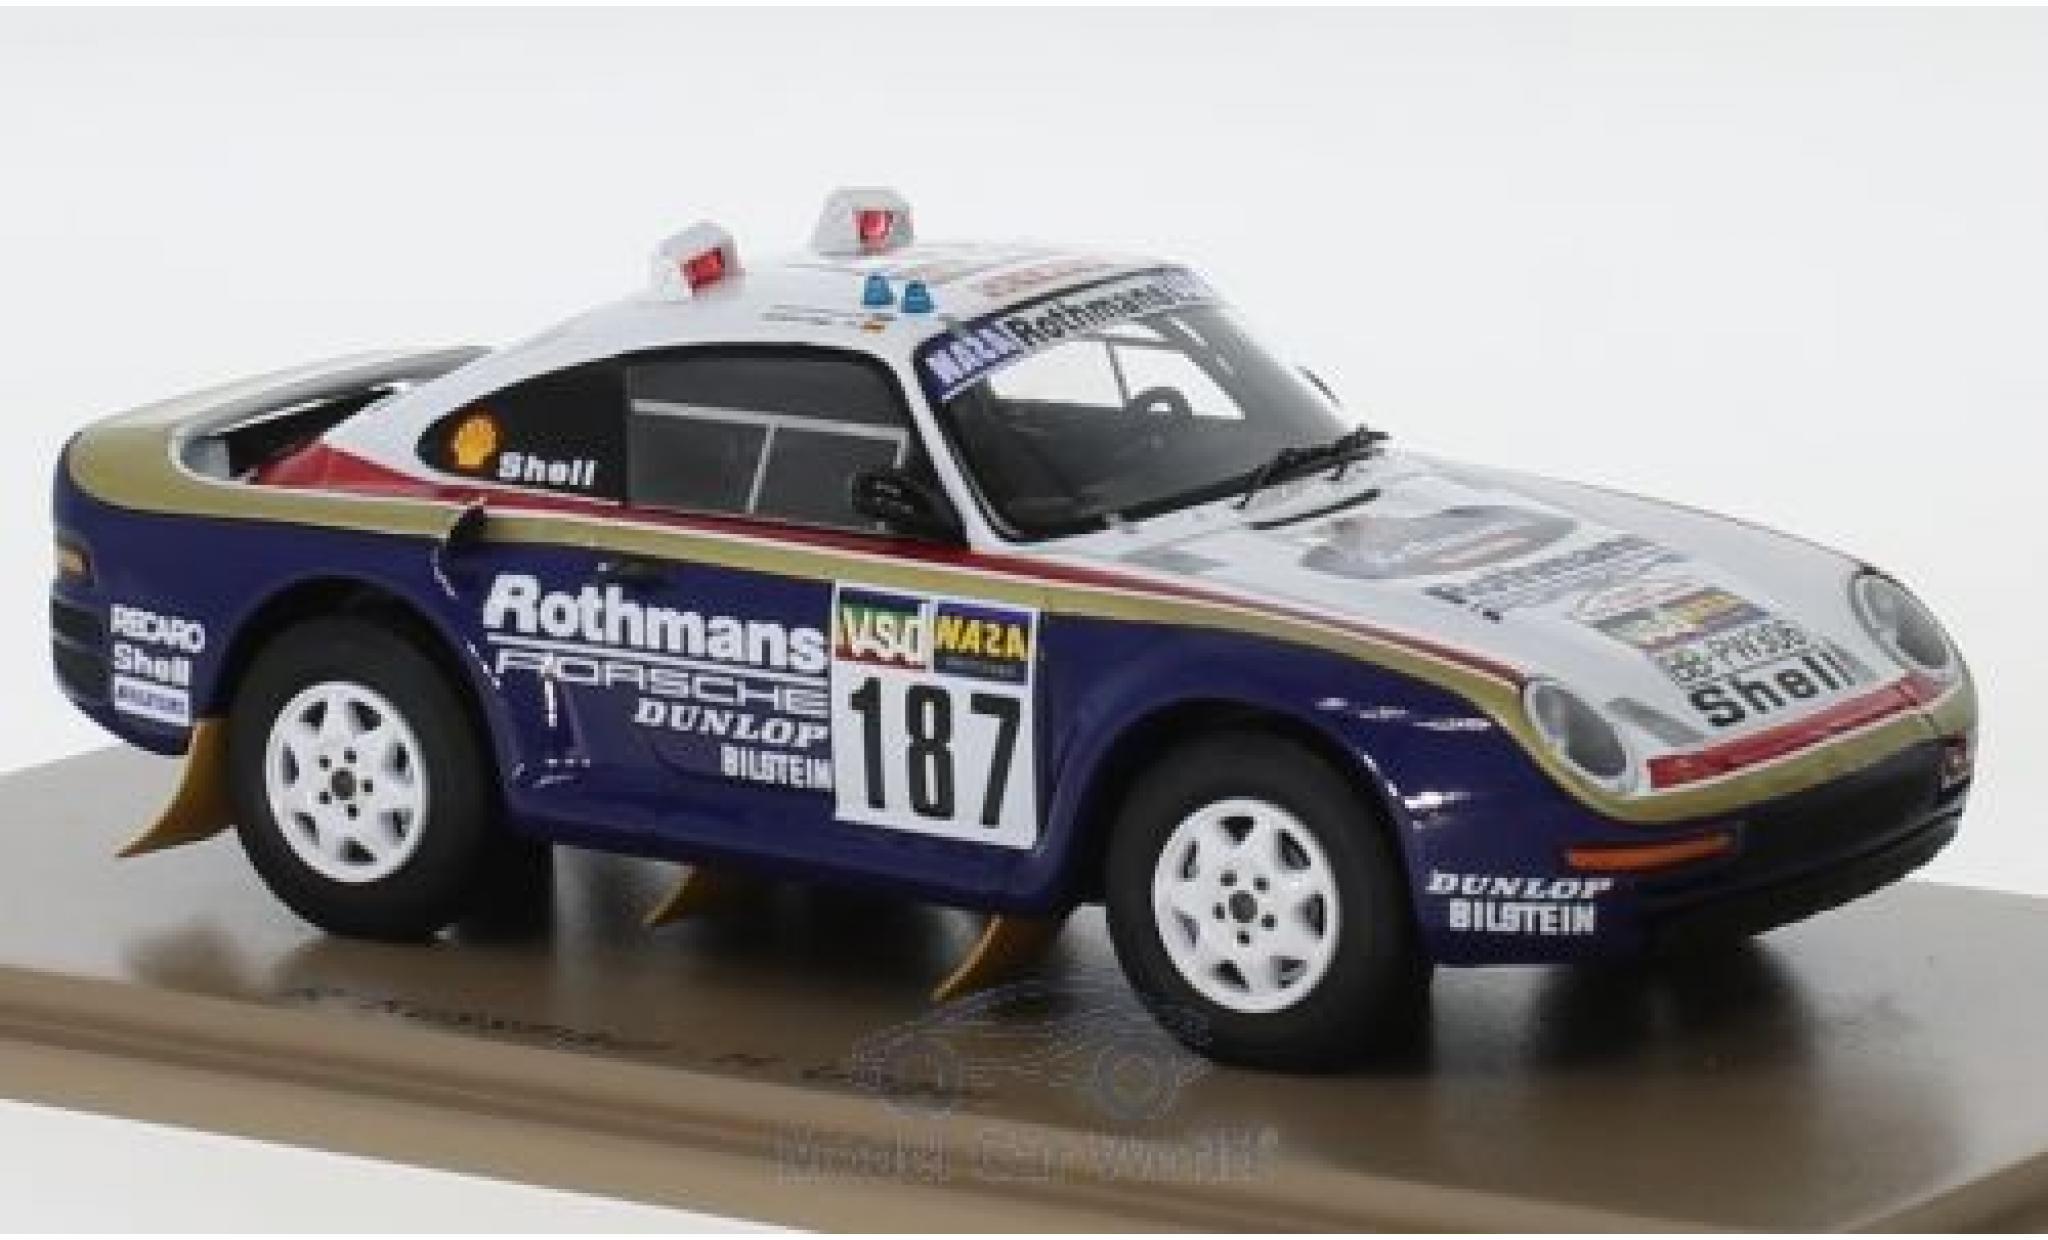 Porsche 959 1/43 Spark No.187 Rothmans Rallye Paris Dakar 1986 R.Kussmaul/H.Unger